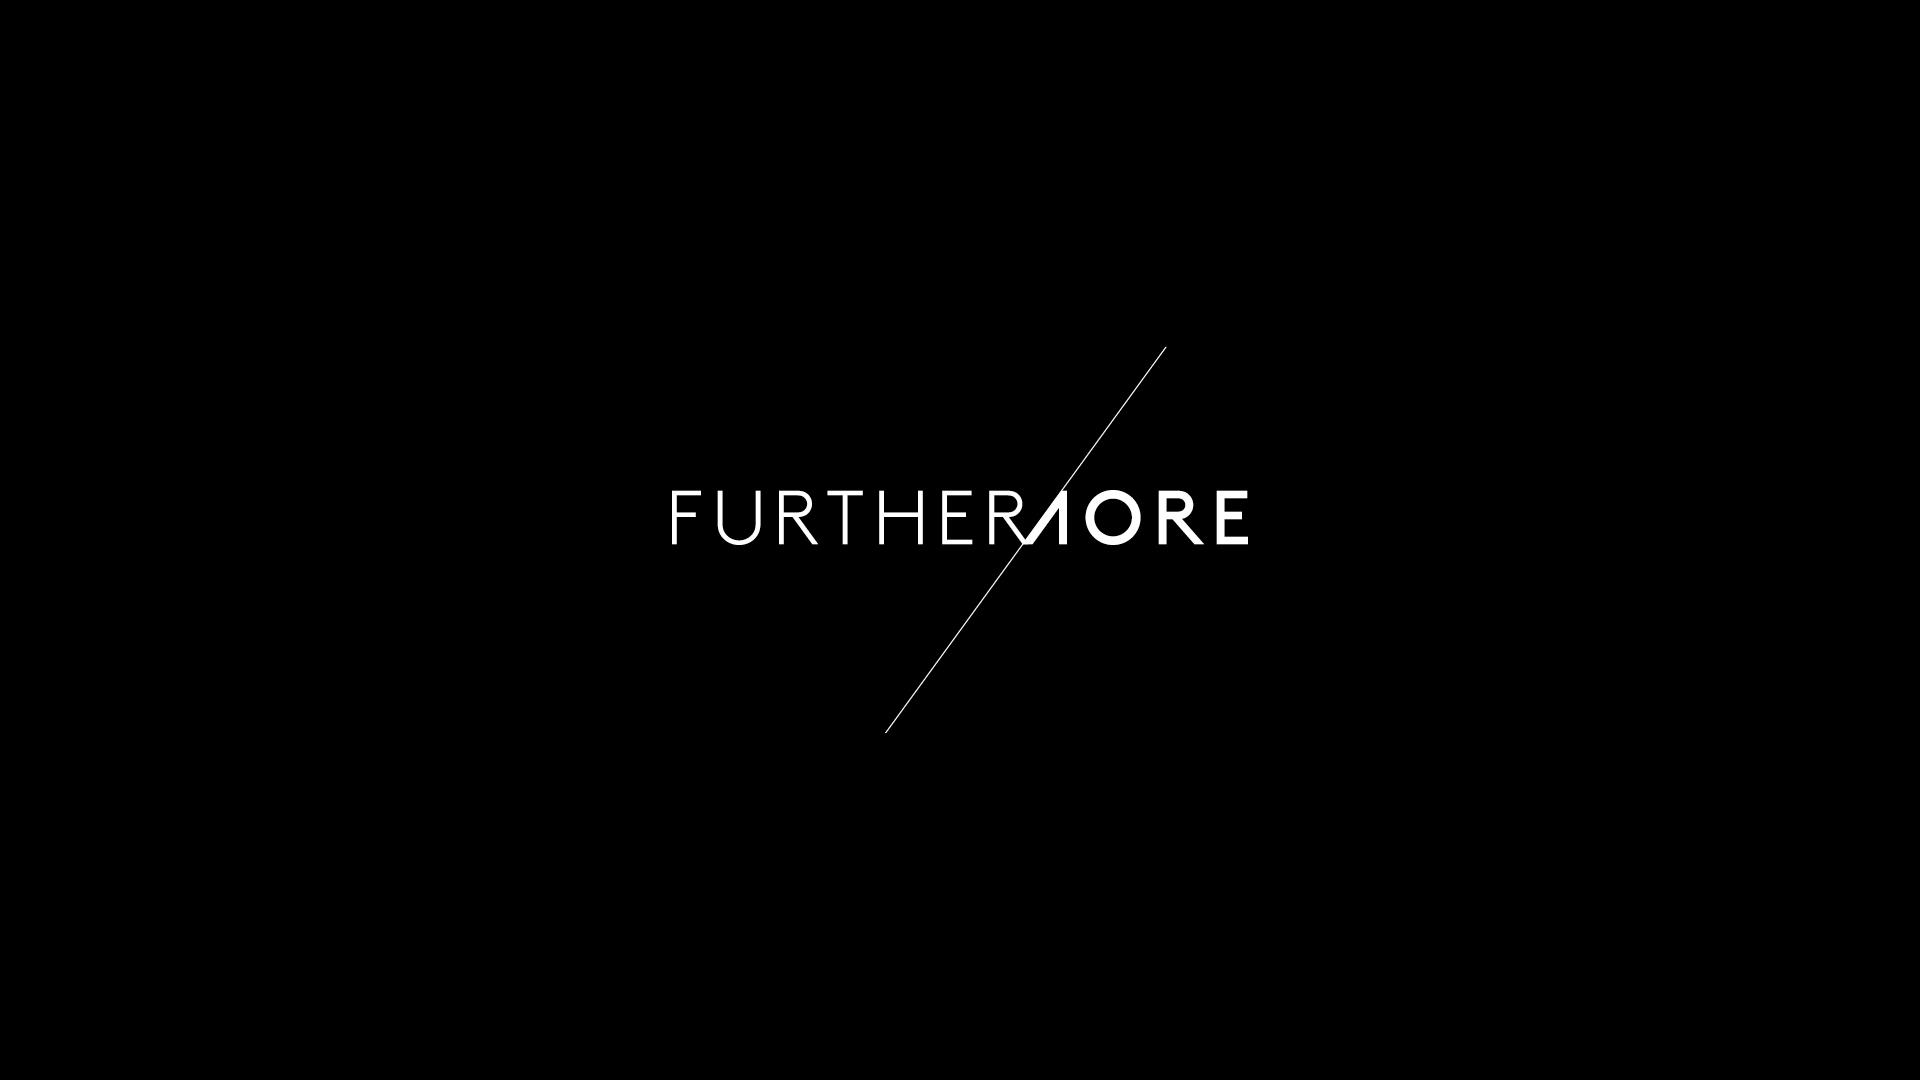 FurthermoreFinal_35.jpg